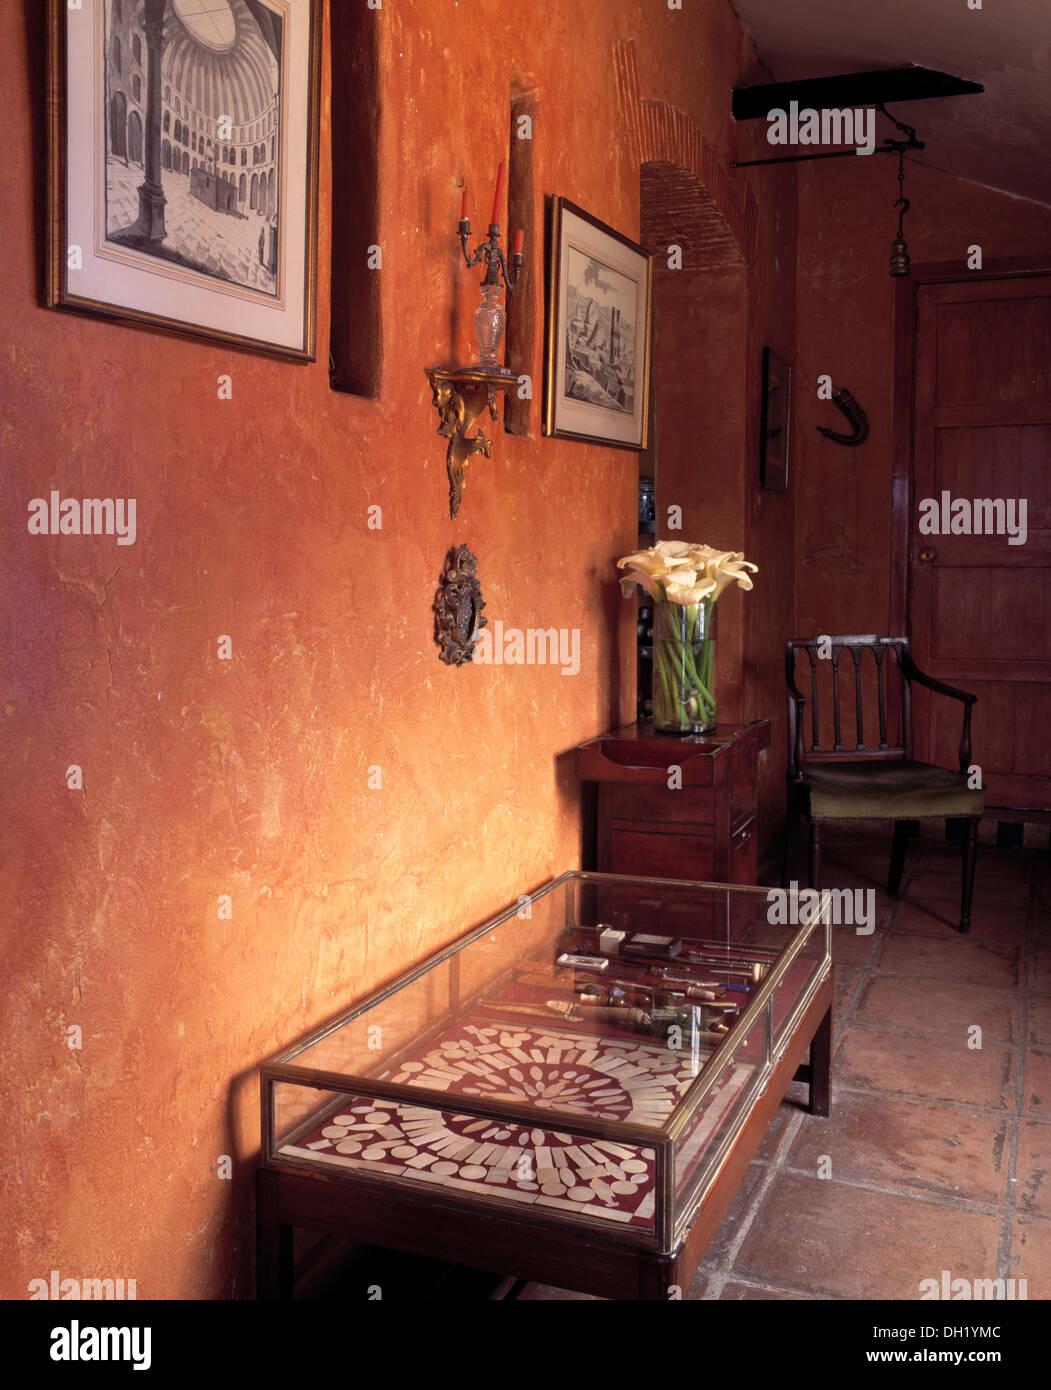 Peinture Couleur Terre Cuite avec table en verre rectangulaire en cas de couleur terre